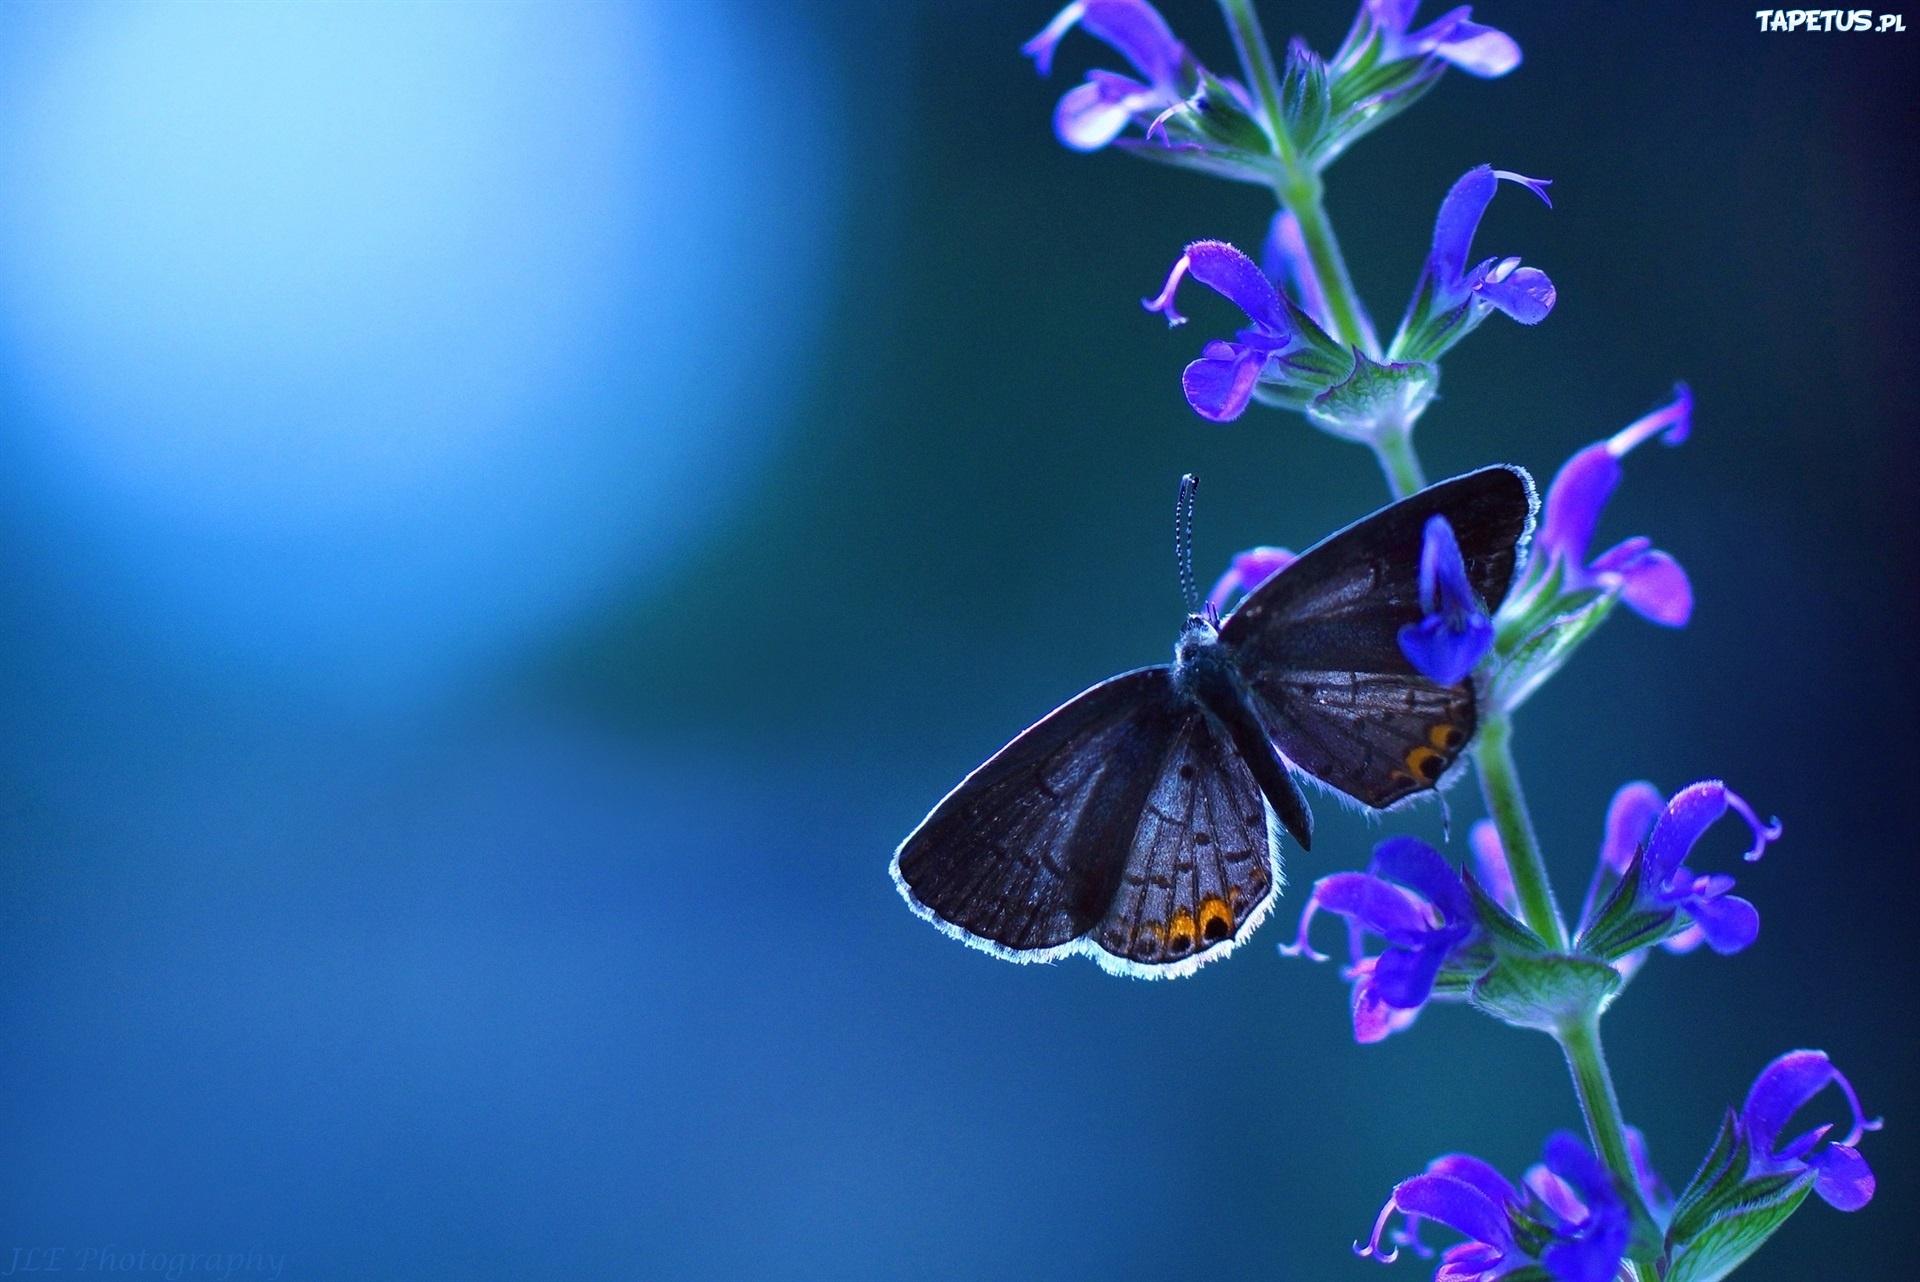 Бабочка1  № 2342678 бесплатно